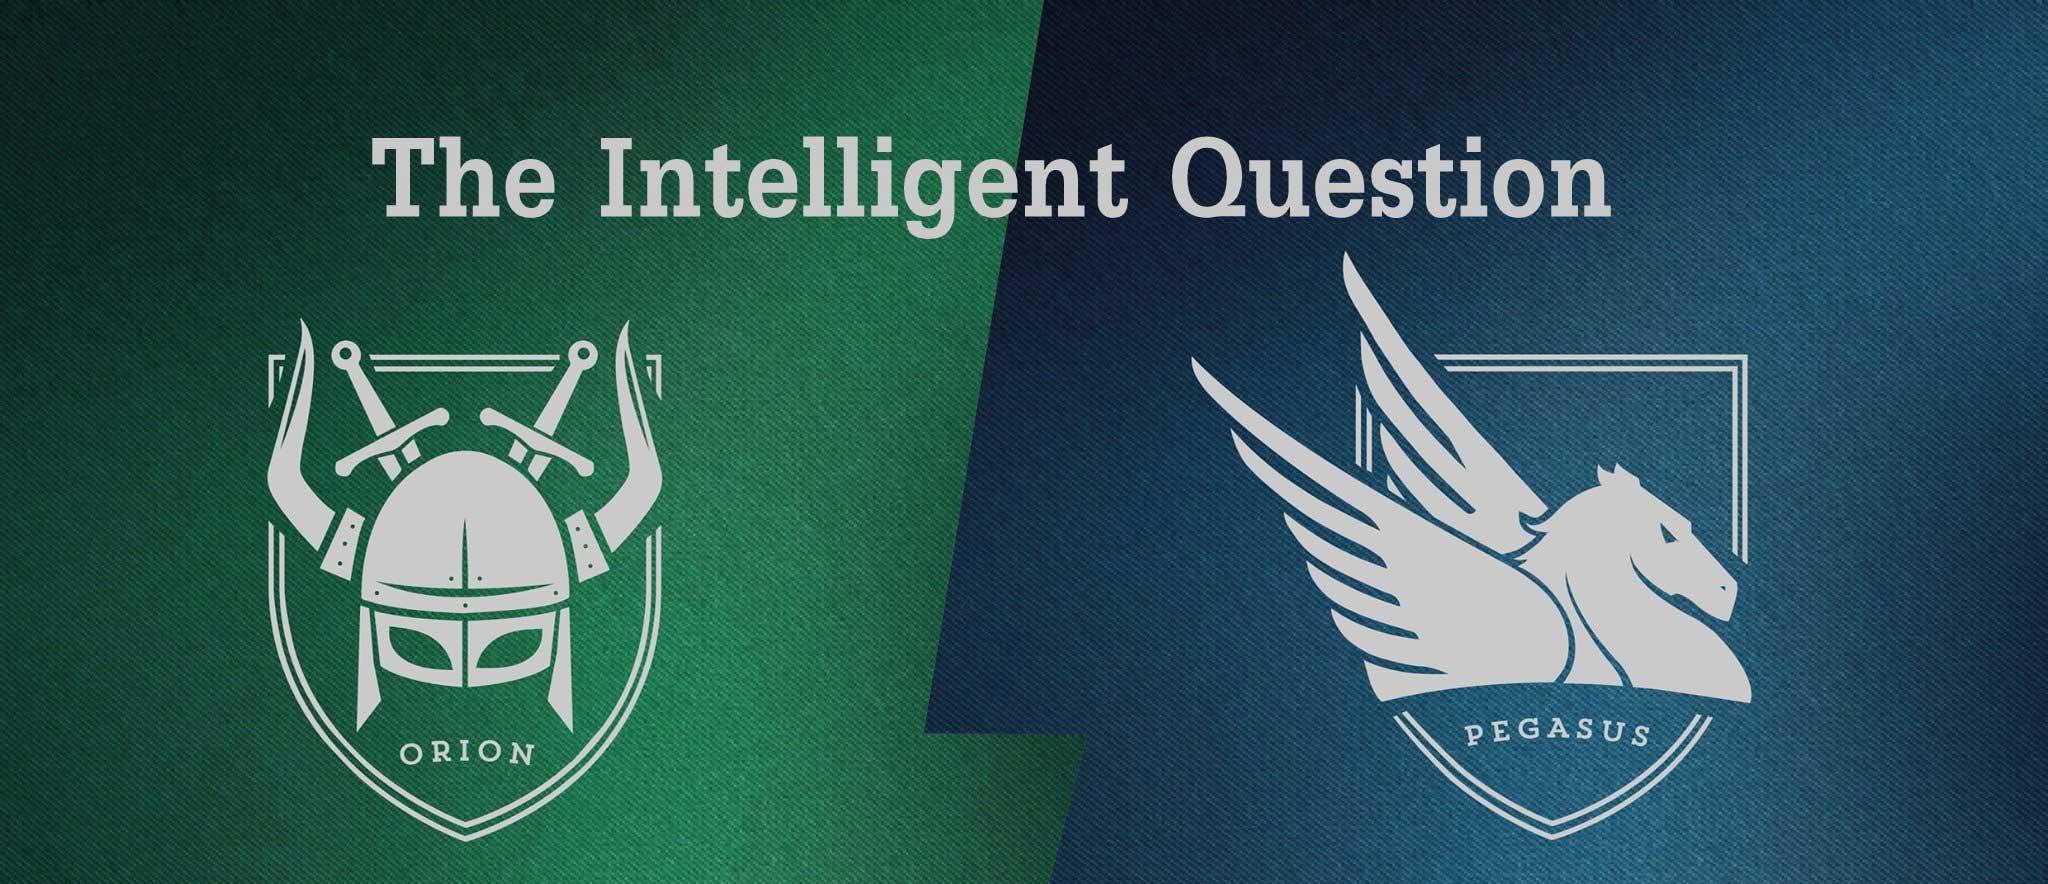 TIQ's two Houses: Orion vs. Pegasus